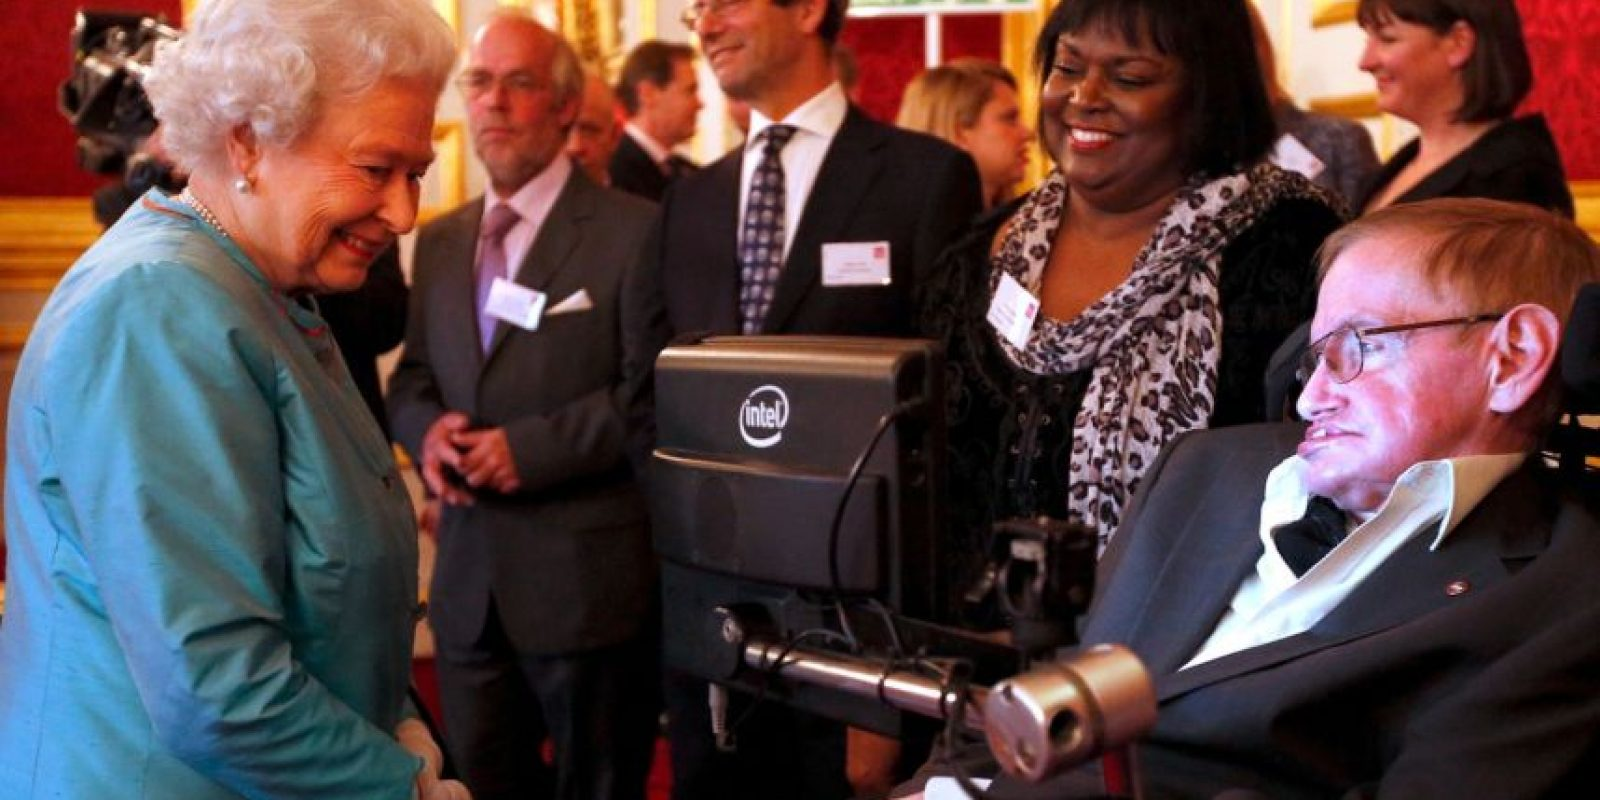 De acuerdo a Hawking, las máquinas podrían rediseñarse por sí mismas y volverse peligrosas Foto:Getty Images